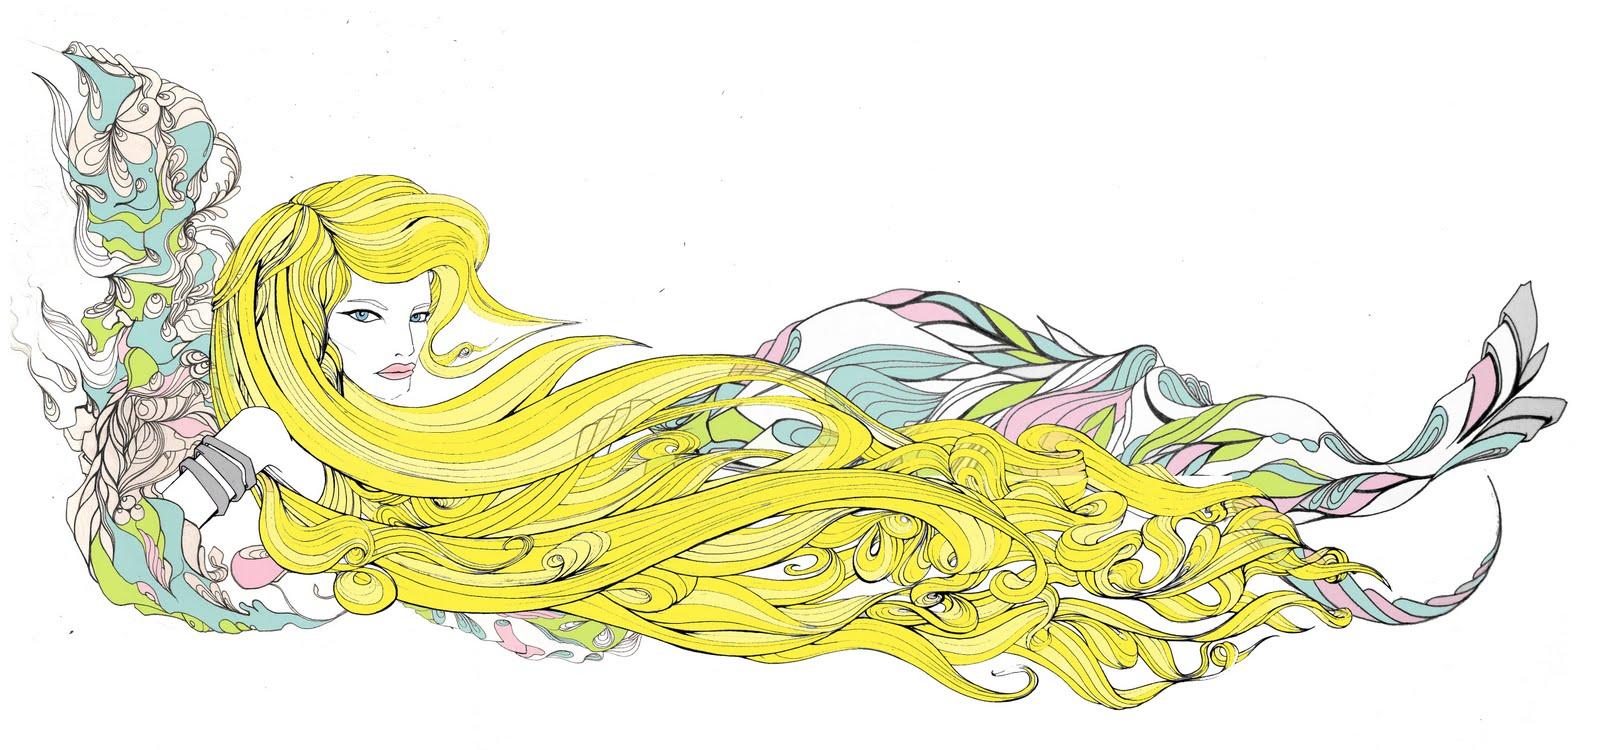 [tonal+hair+print1+copy.jpg]